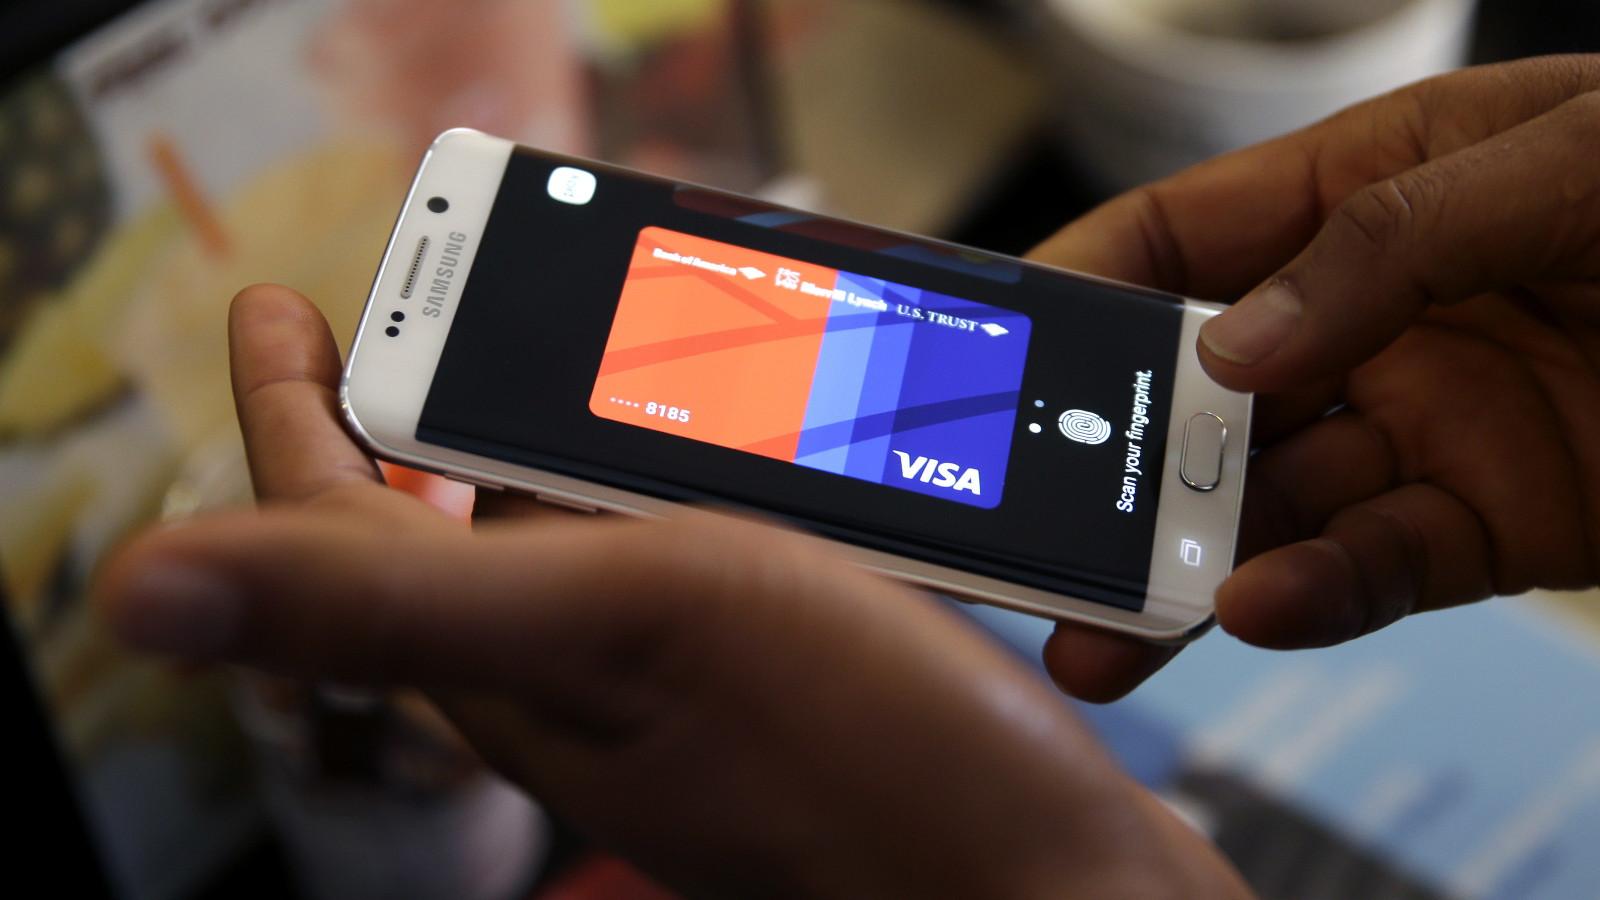 Großaufnahme Samsung-Smartphone mit App Samsung Pay